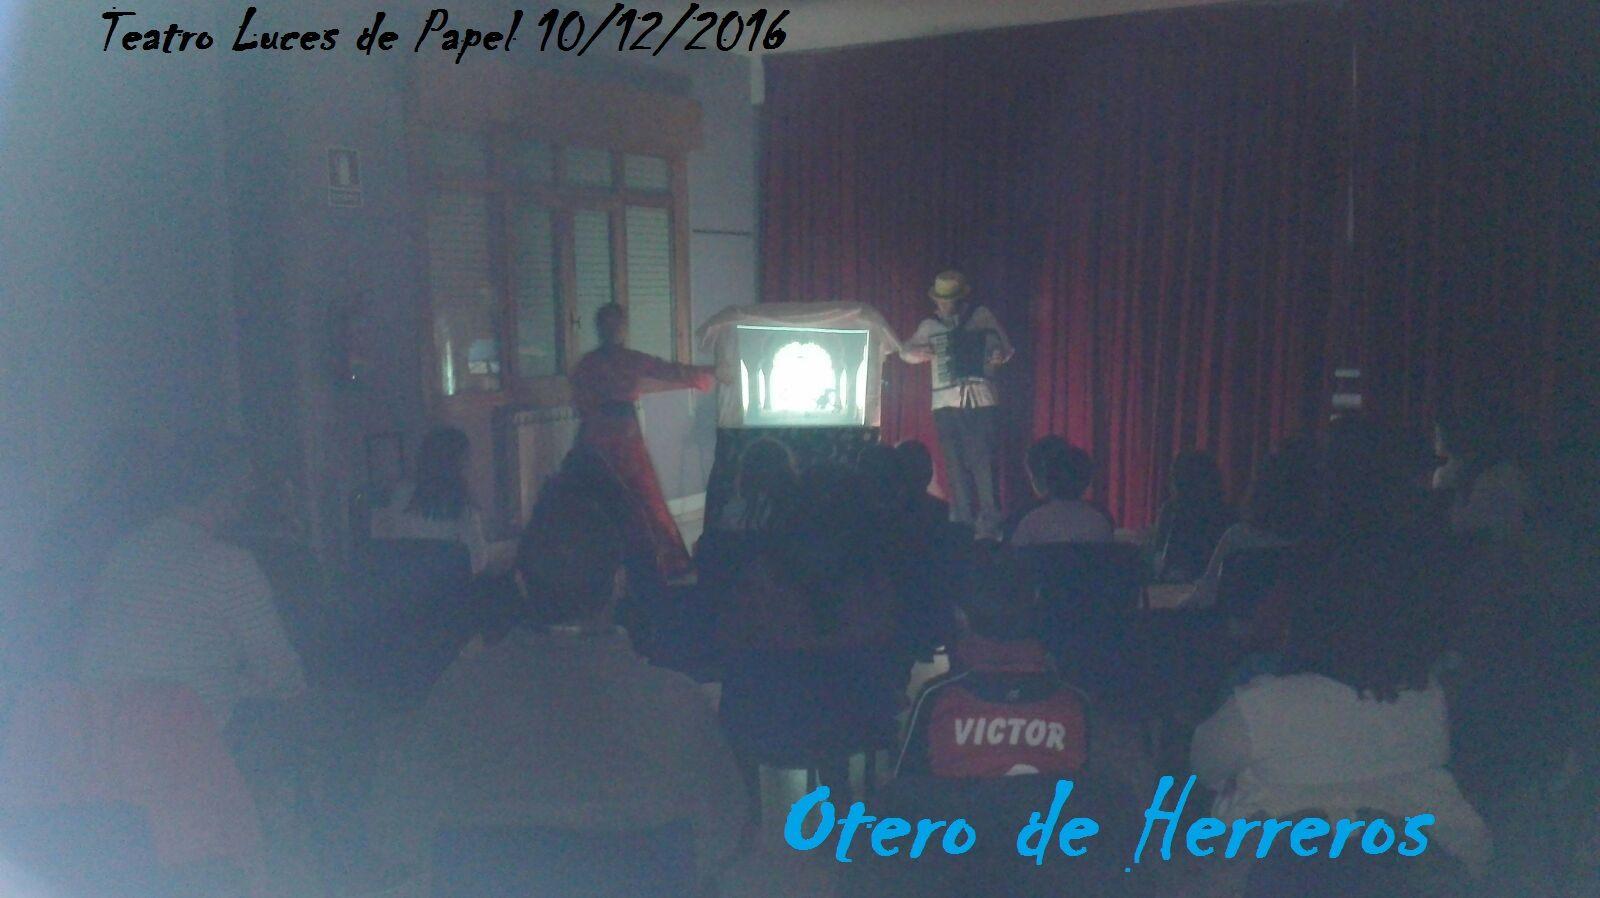 Teatro Luces de Papel 10 Diciembre 2016 (2)